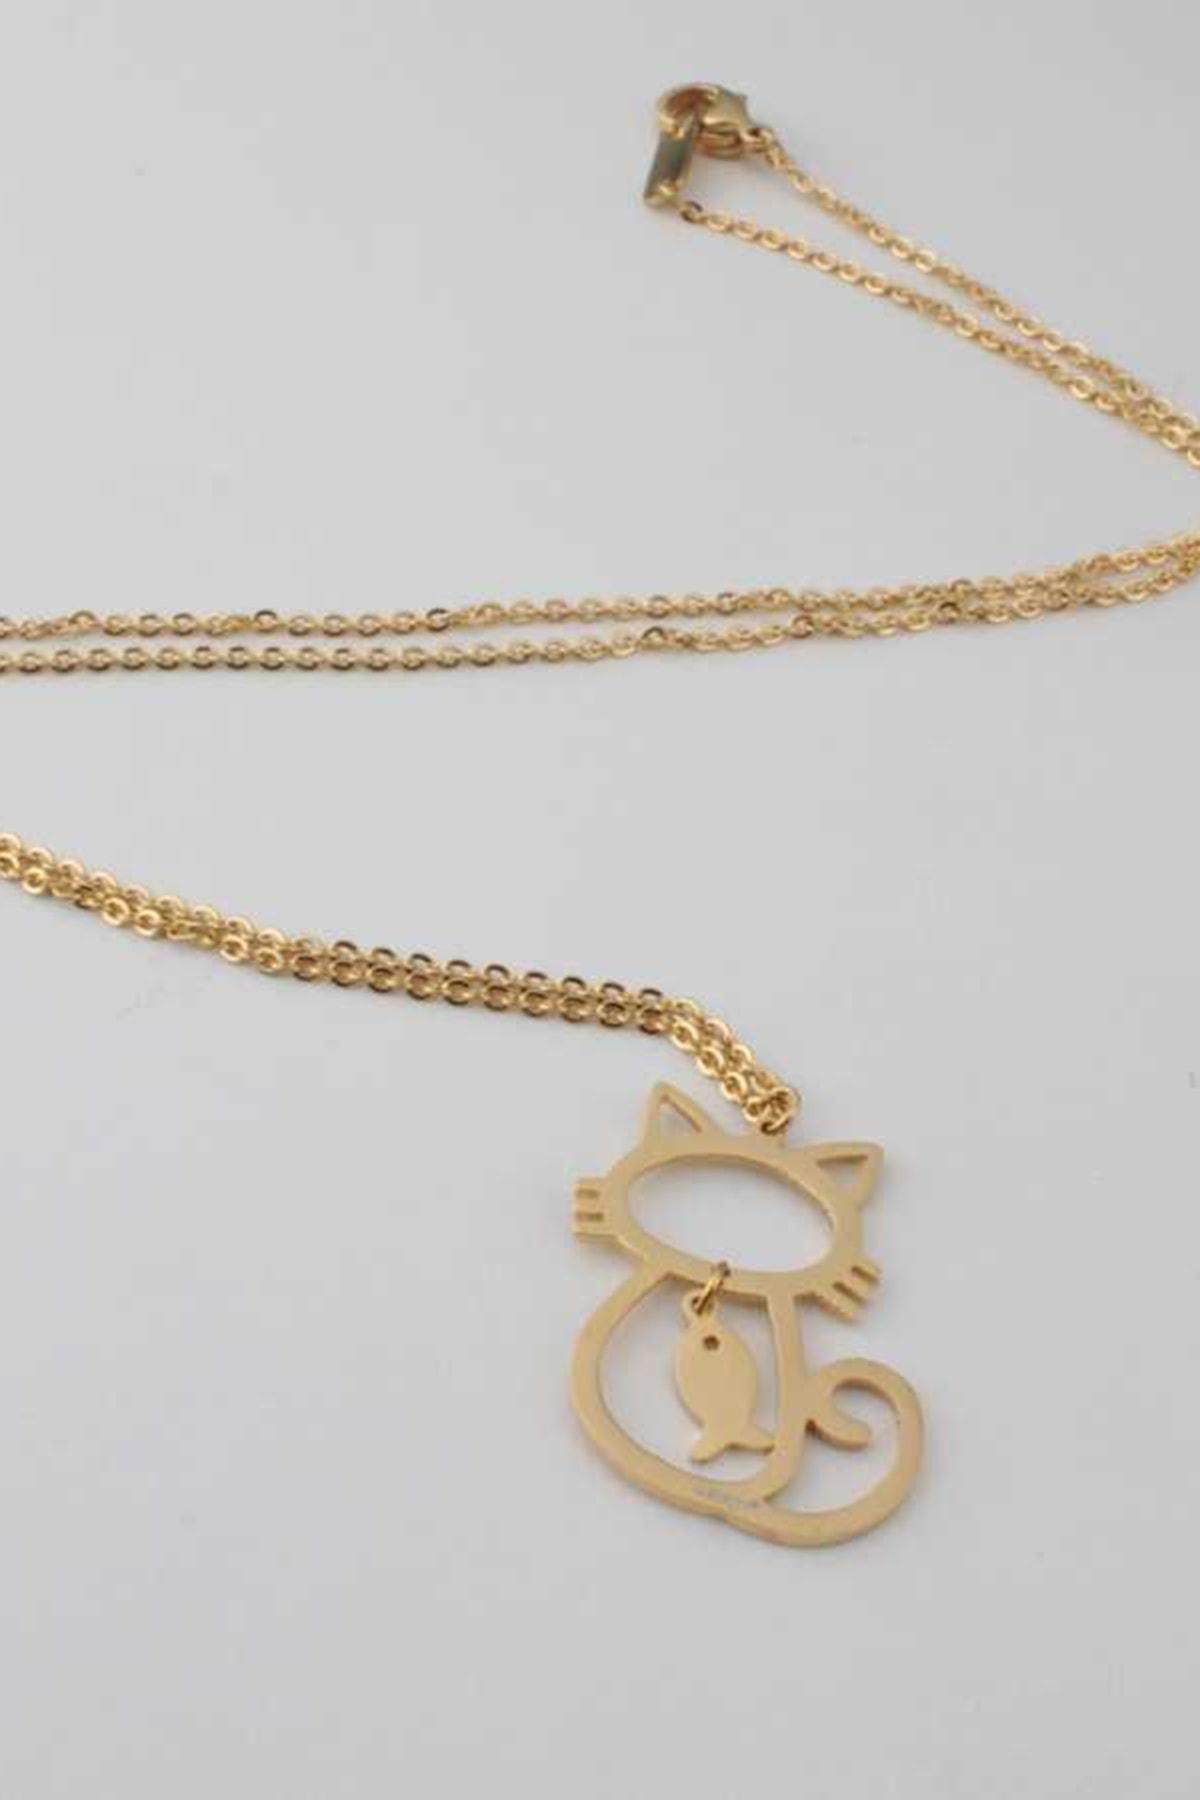 Welch Kadın Kedili Gold Çelik Kolye 80357 1